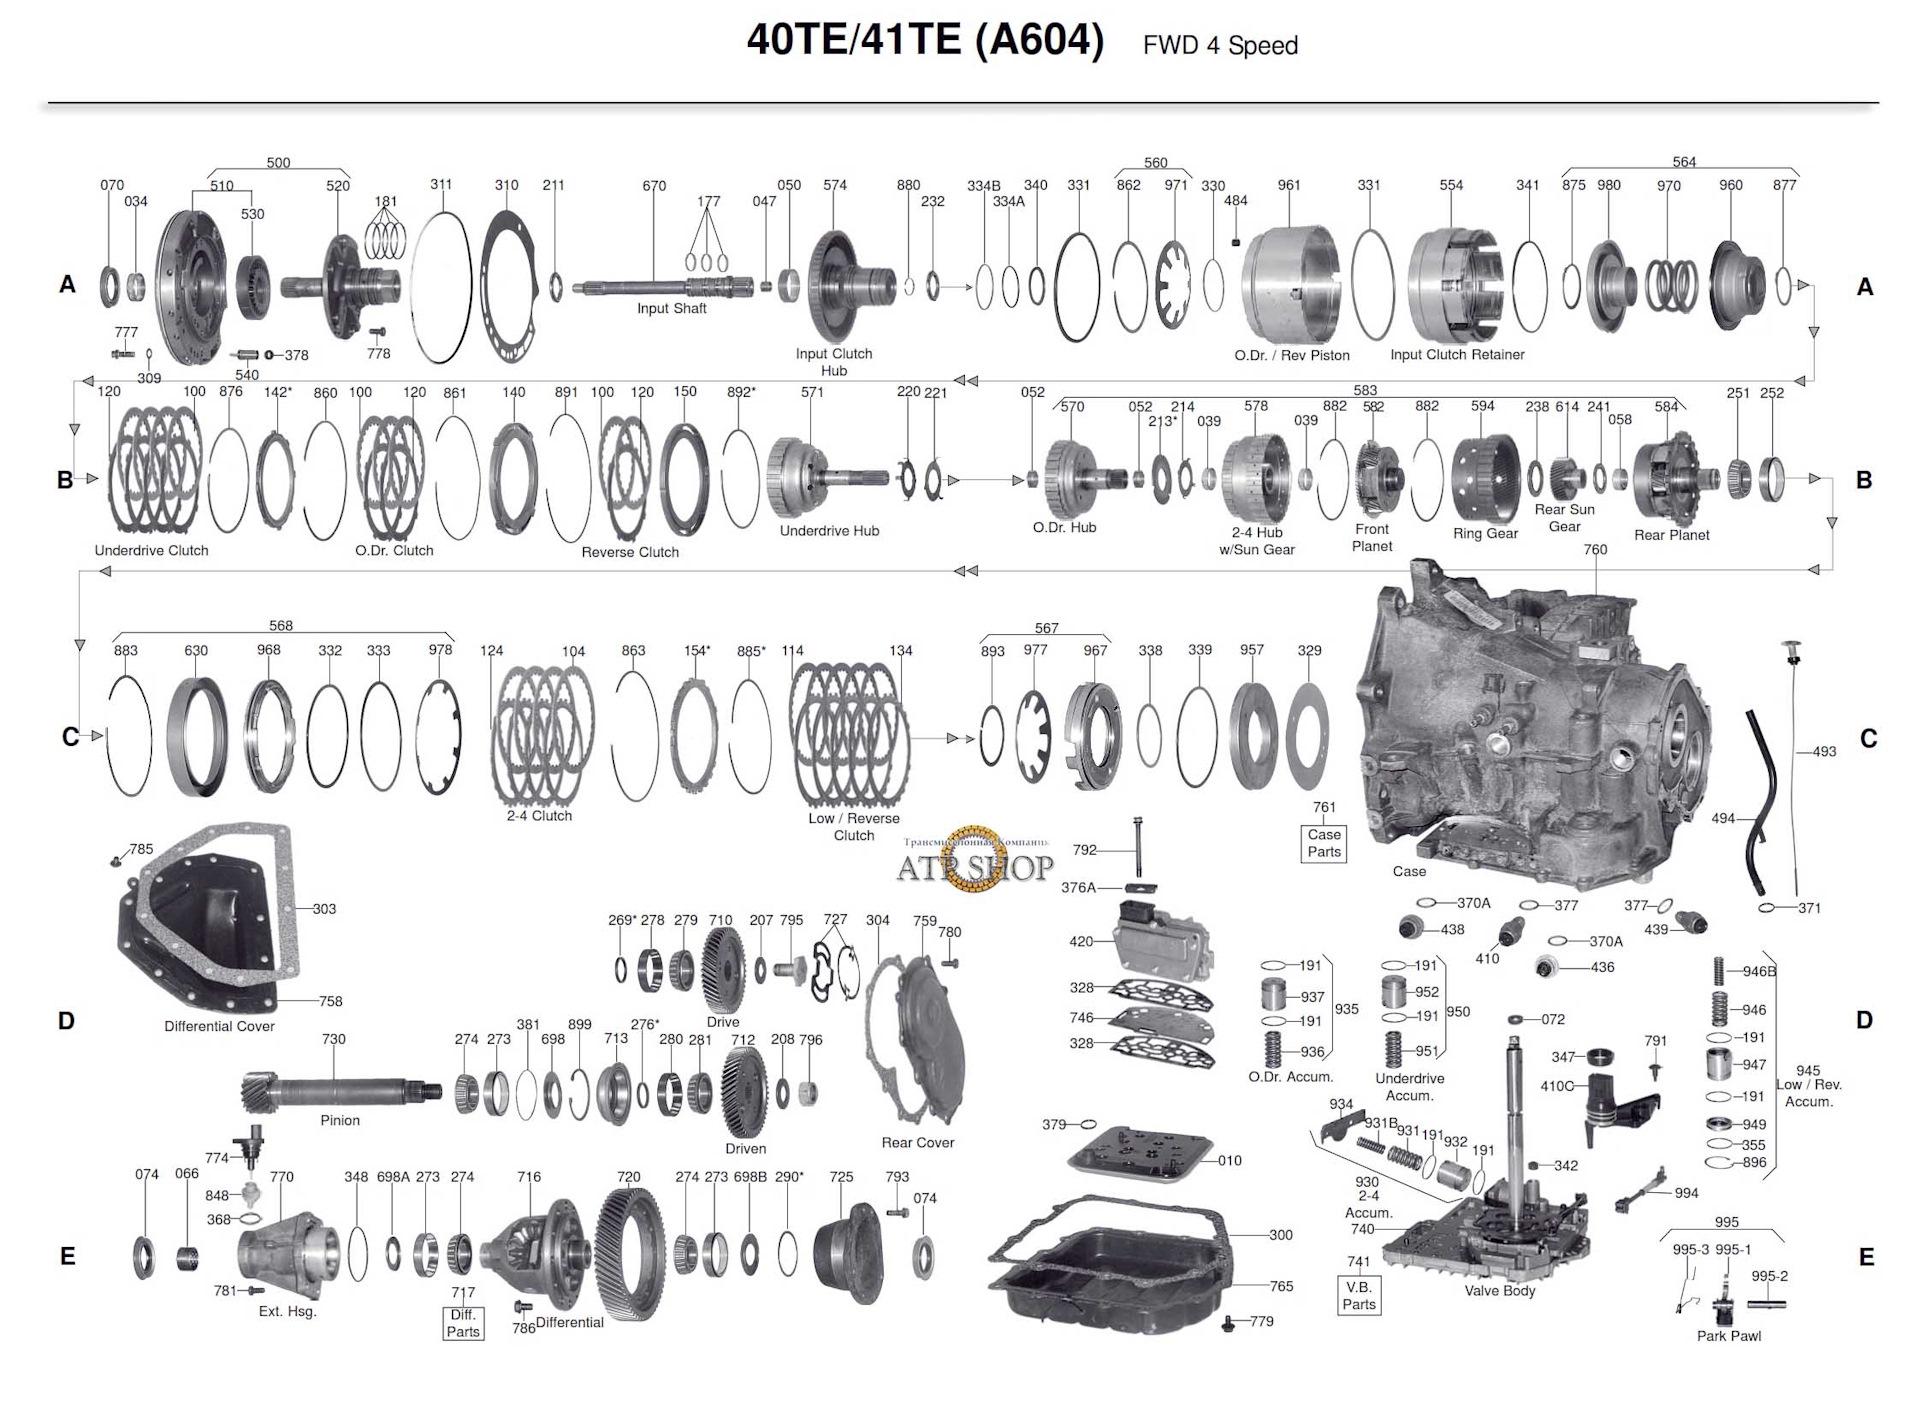 Полный список конструктивных элементов АКПП Chrysler A604